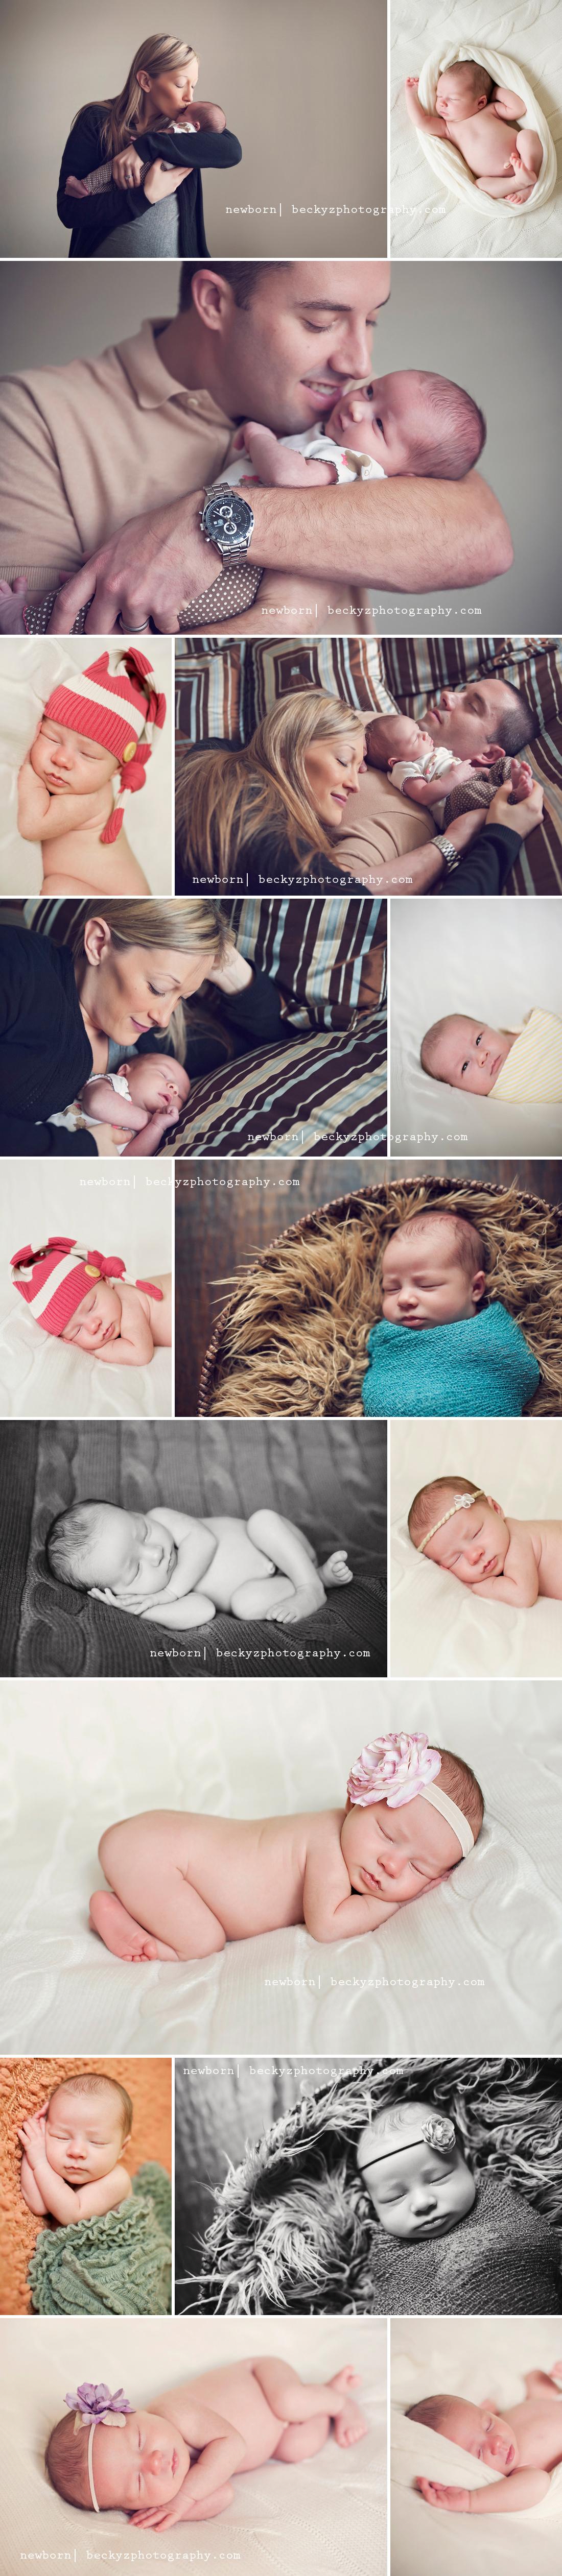 8416599041 f6e68324d2 o McKenna | Allen Newborn Photographer